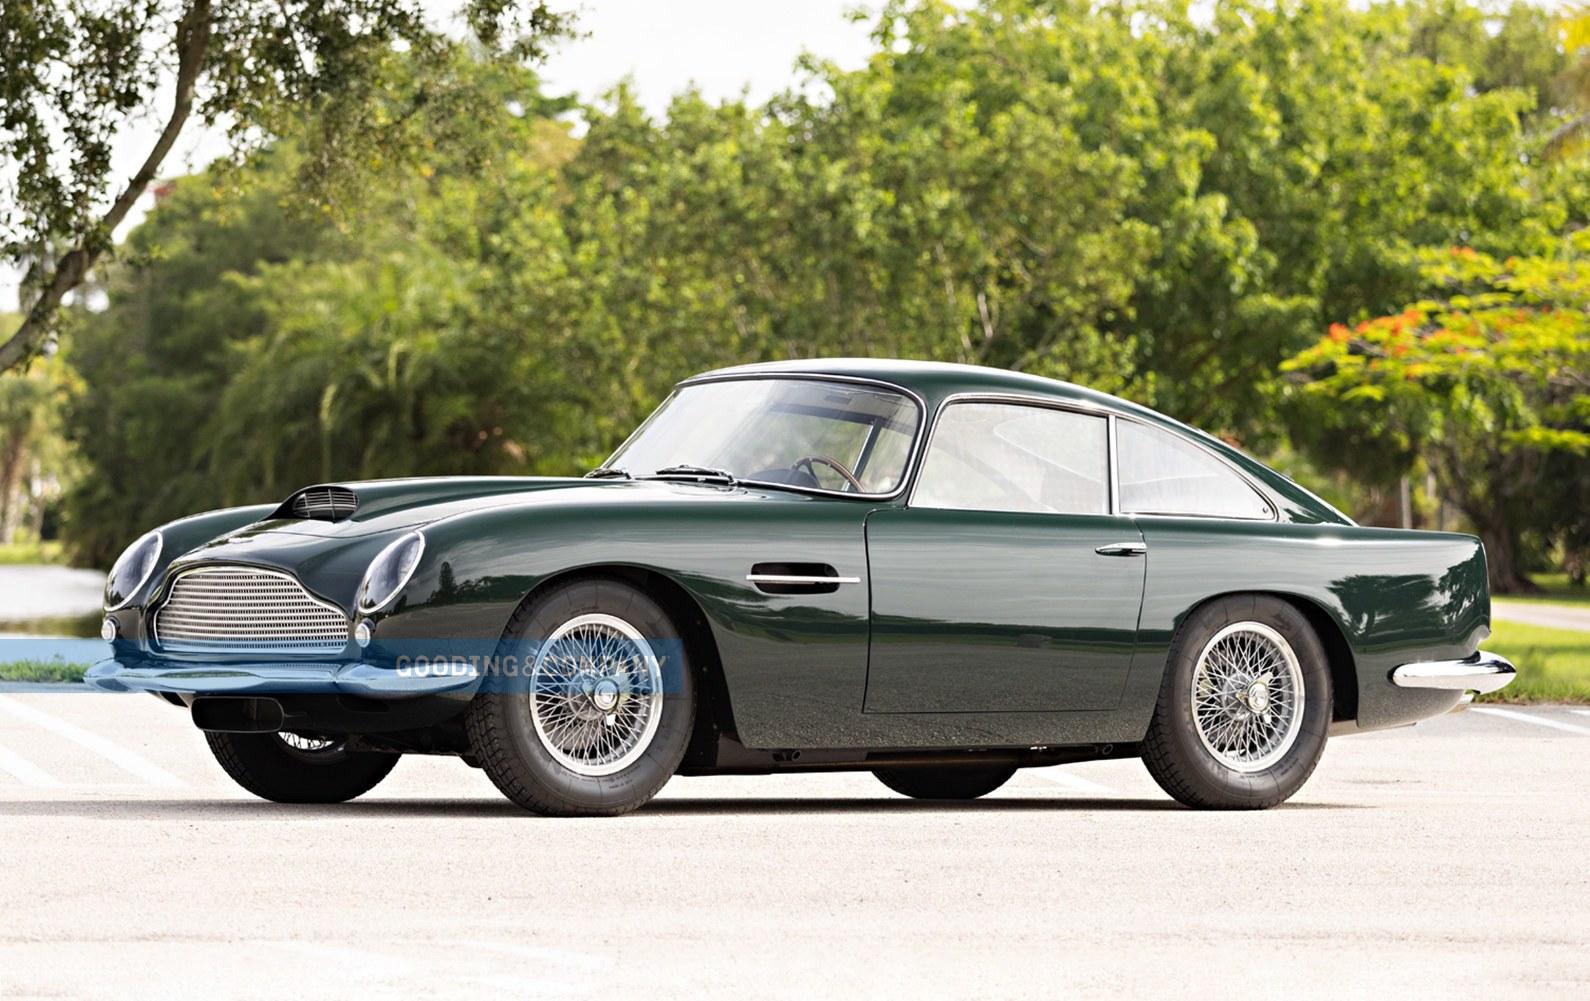 Aston_Martin_DB4_GT_sale-0007